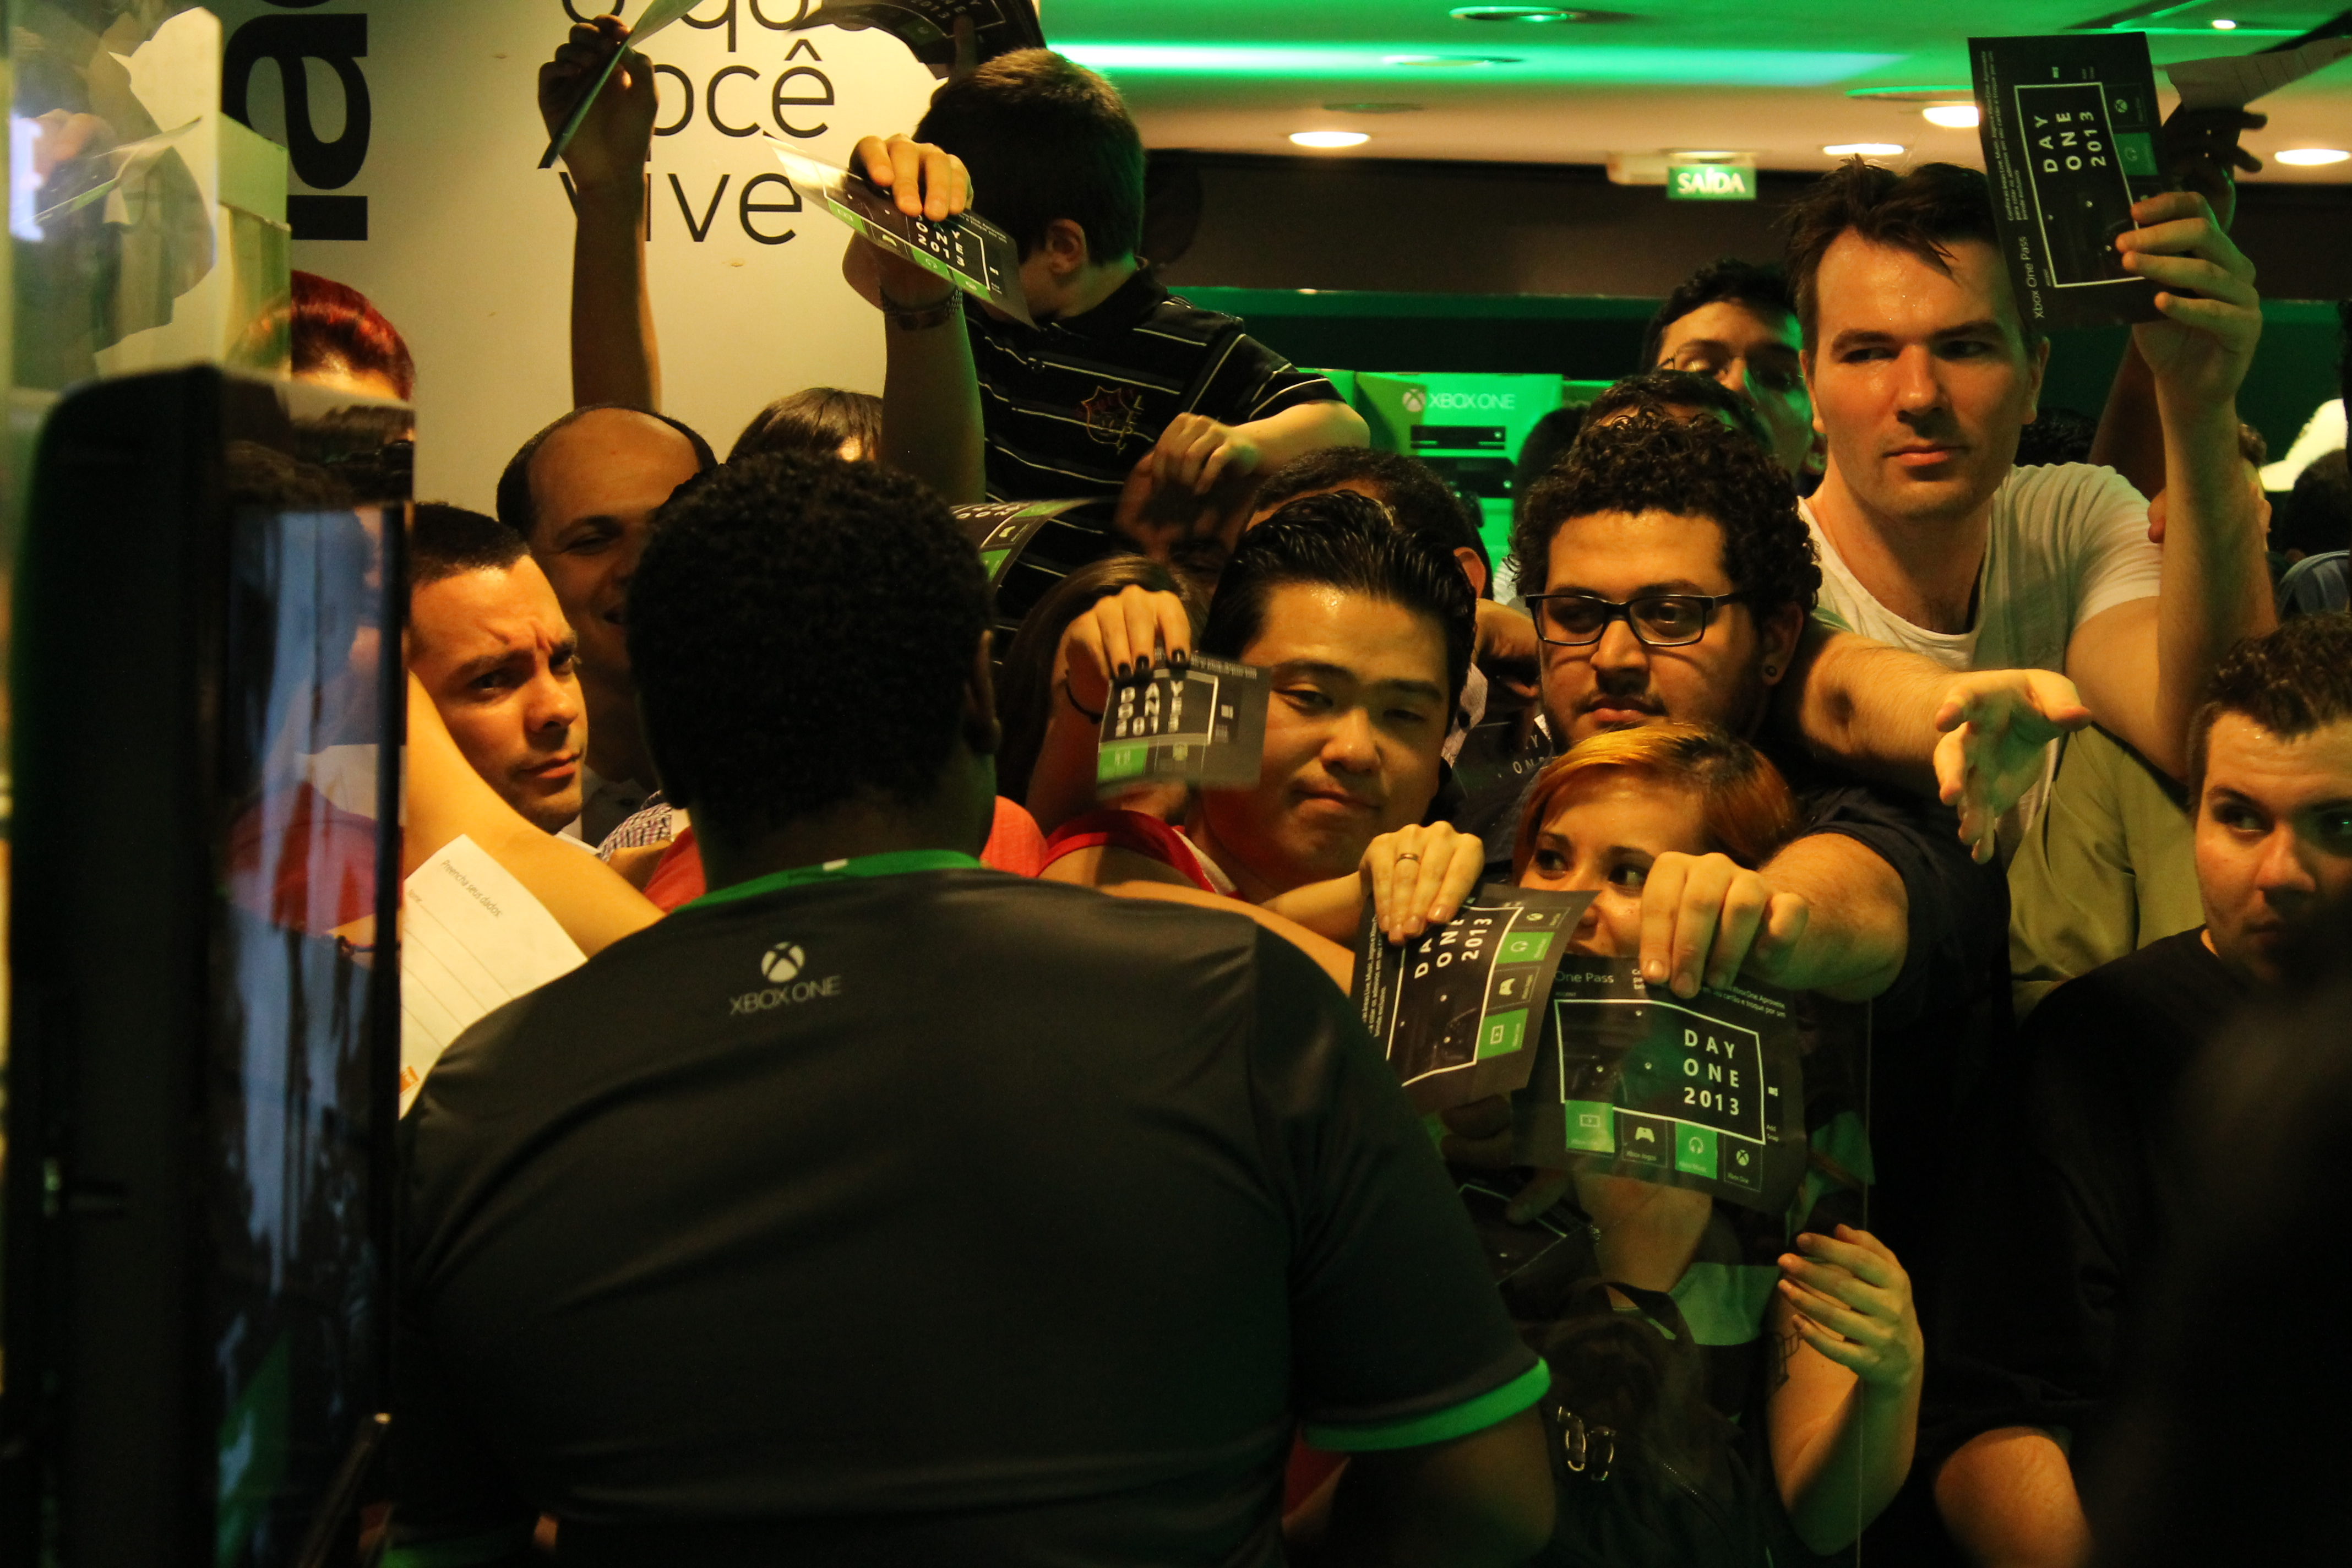 Evento de lançamento do Xbox One está sendo realizado na Fnac na Avenida Paulista (Foto: Leonardo Teixeira/ TechTudo)